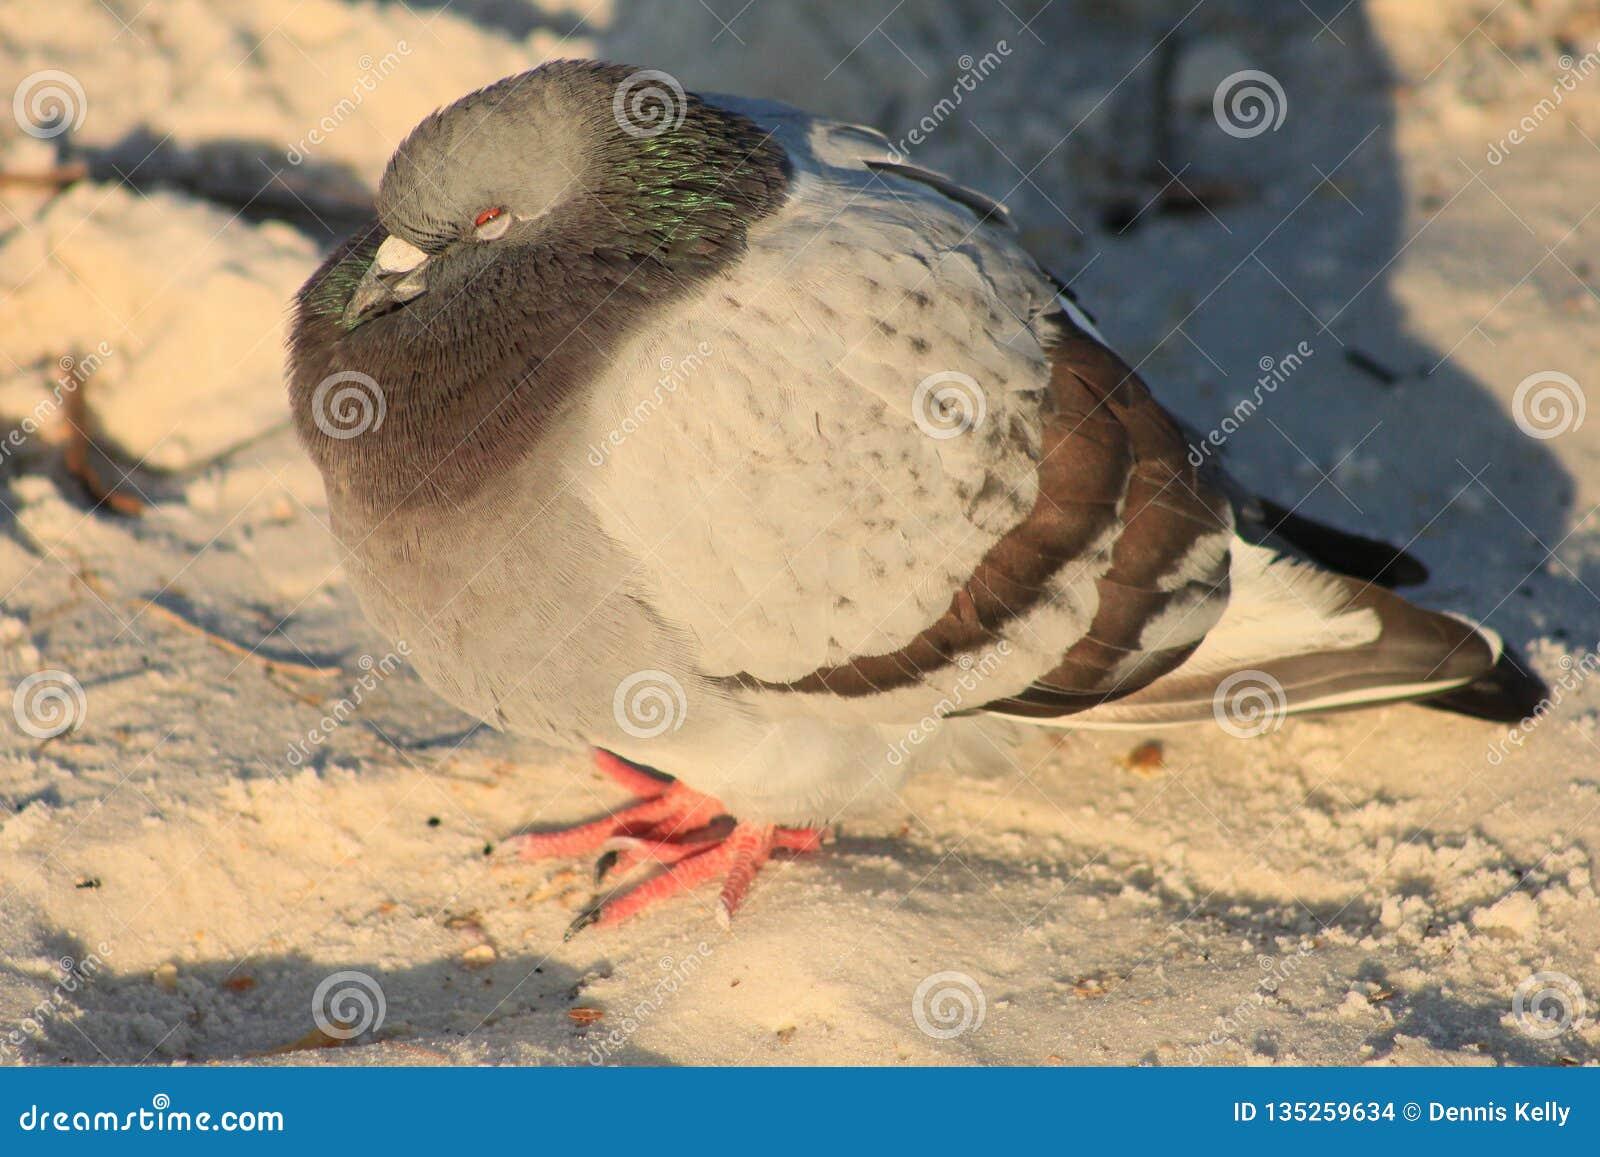 鸽子寒冷海滩挤作了一团反对风